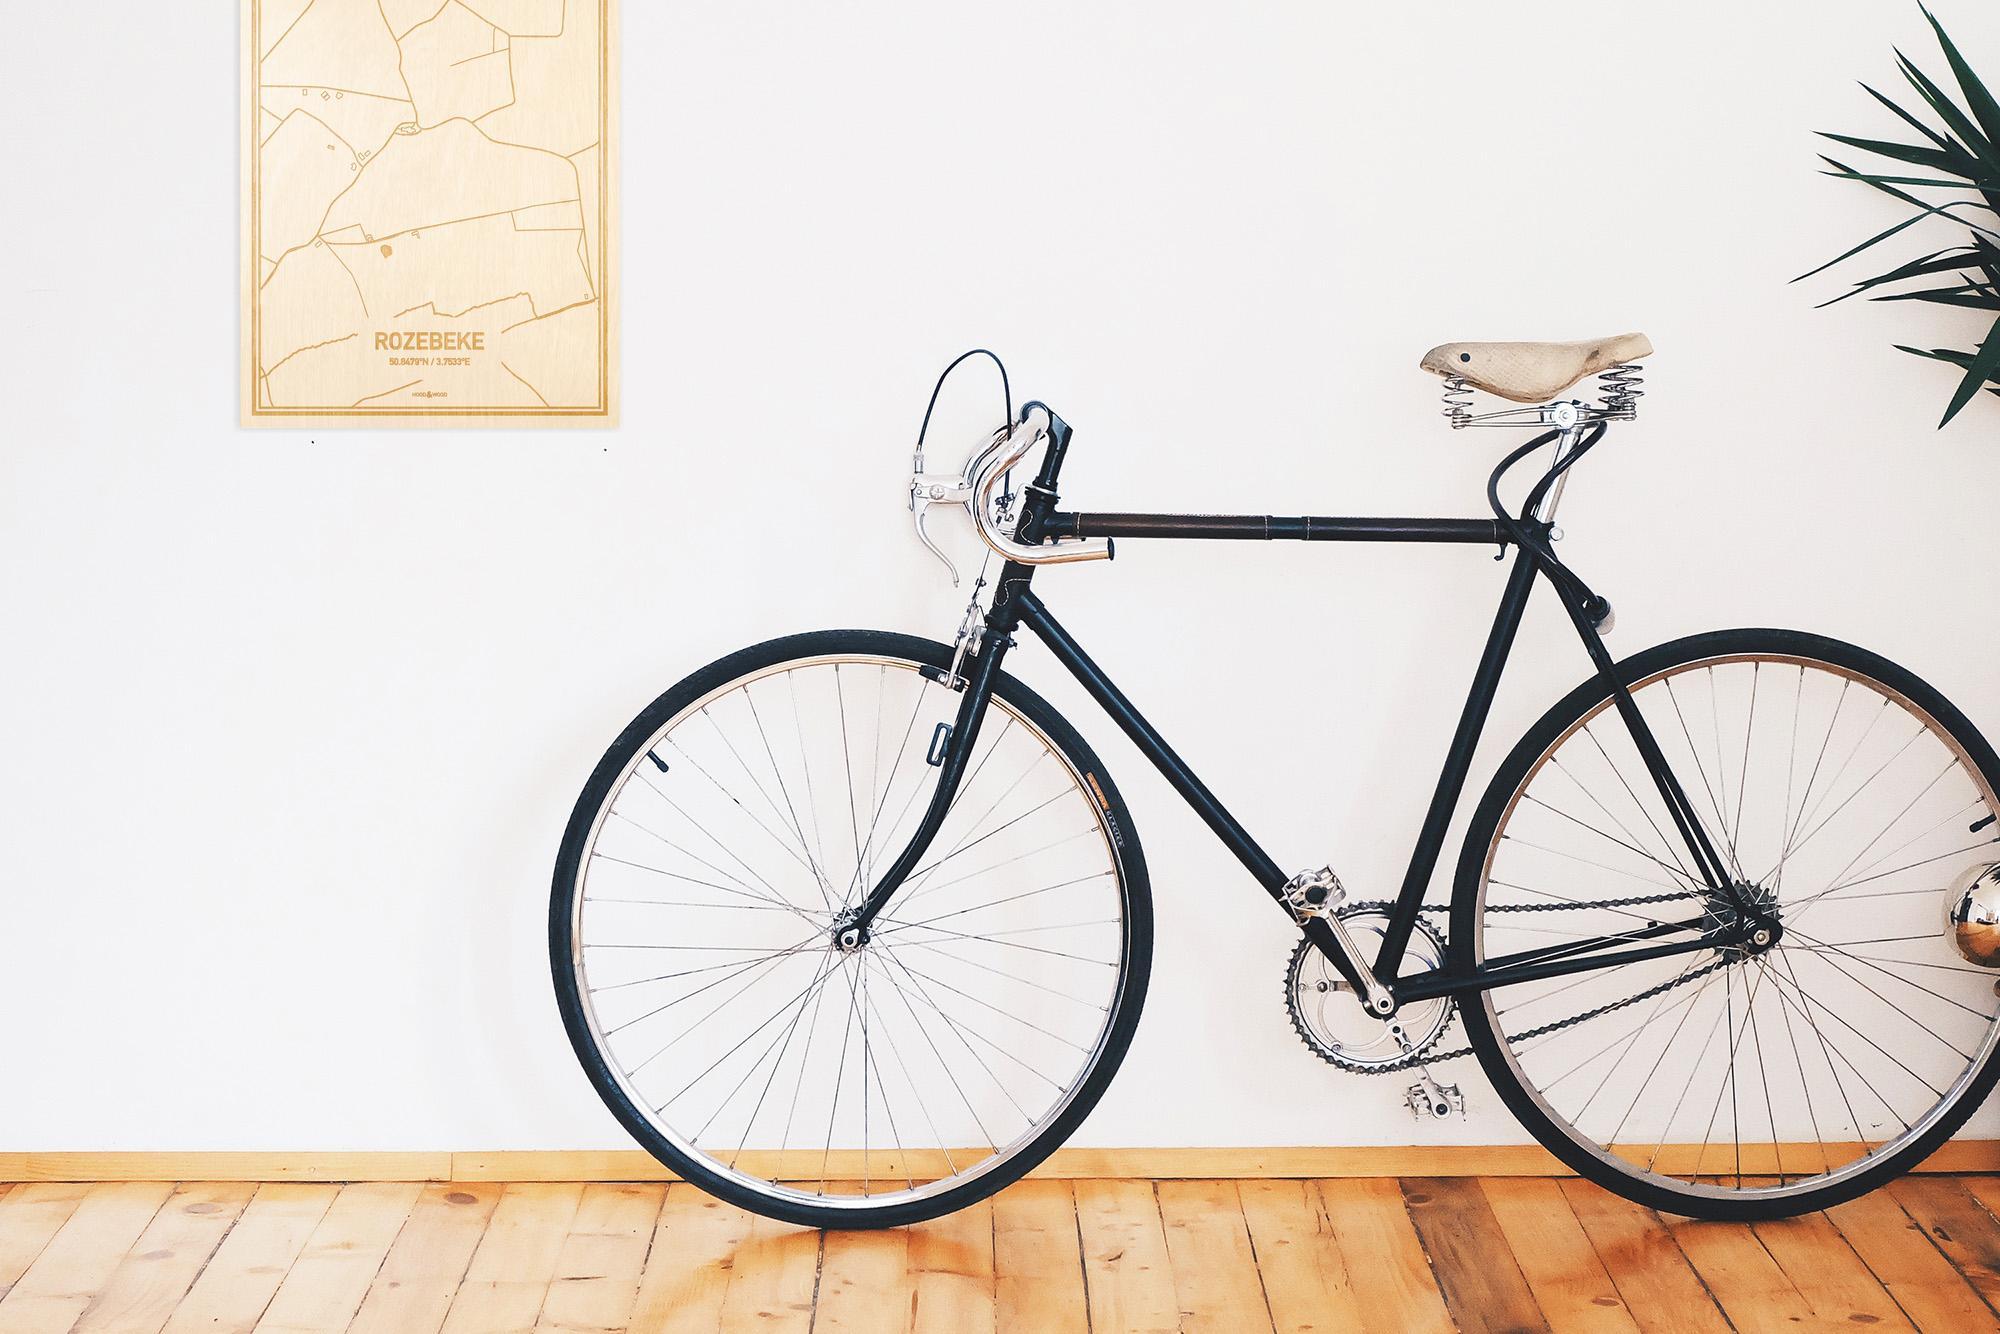 Een snelle fiets in een uniek interieur in Oost-Vlaanderen  met mooie decoratie zoals de plattegrond Rozebeke.